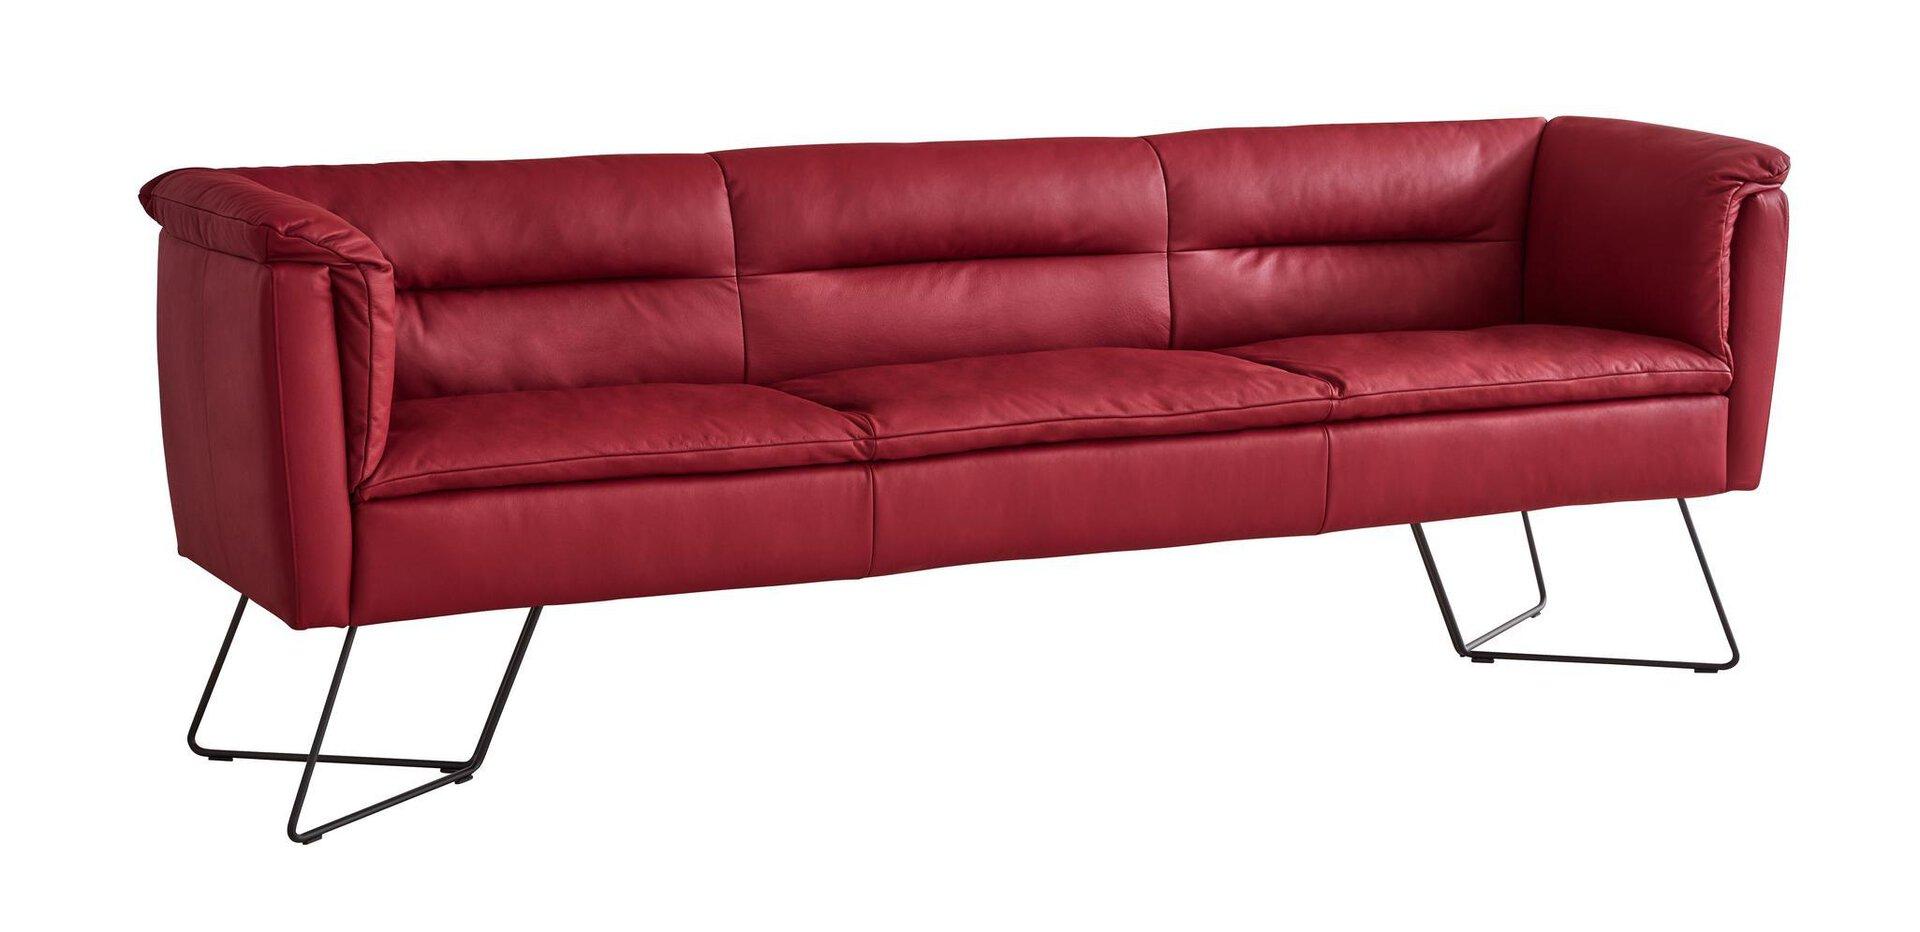 Sitzbank MELZ MONDO Leder 65 x 85 x 248 cm